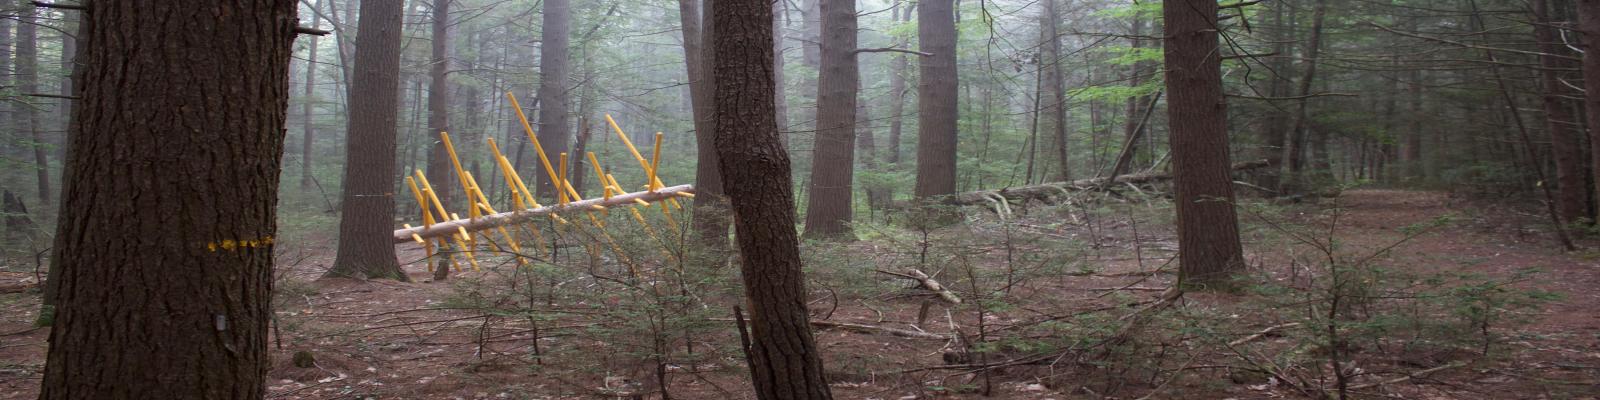 David Buckley Borden Exchange Tree